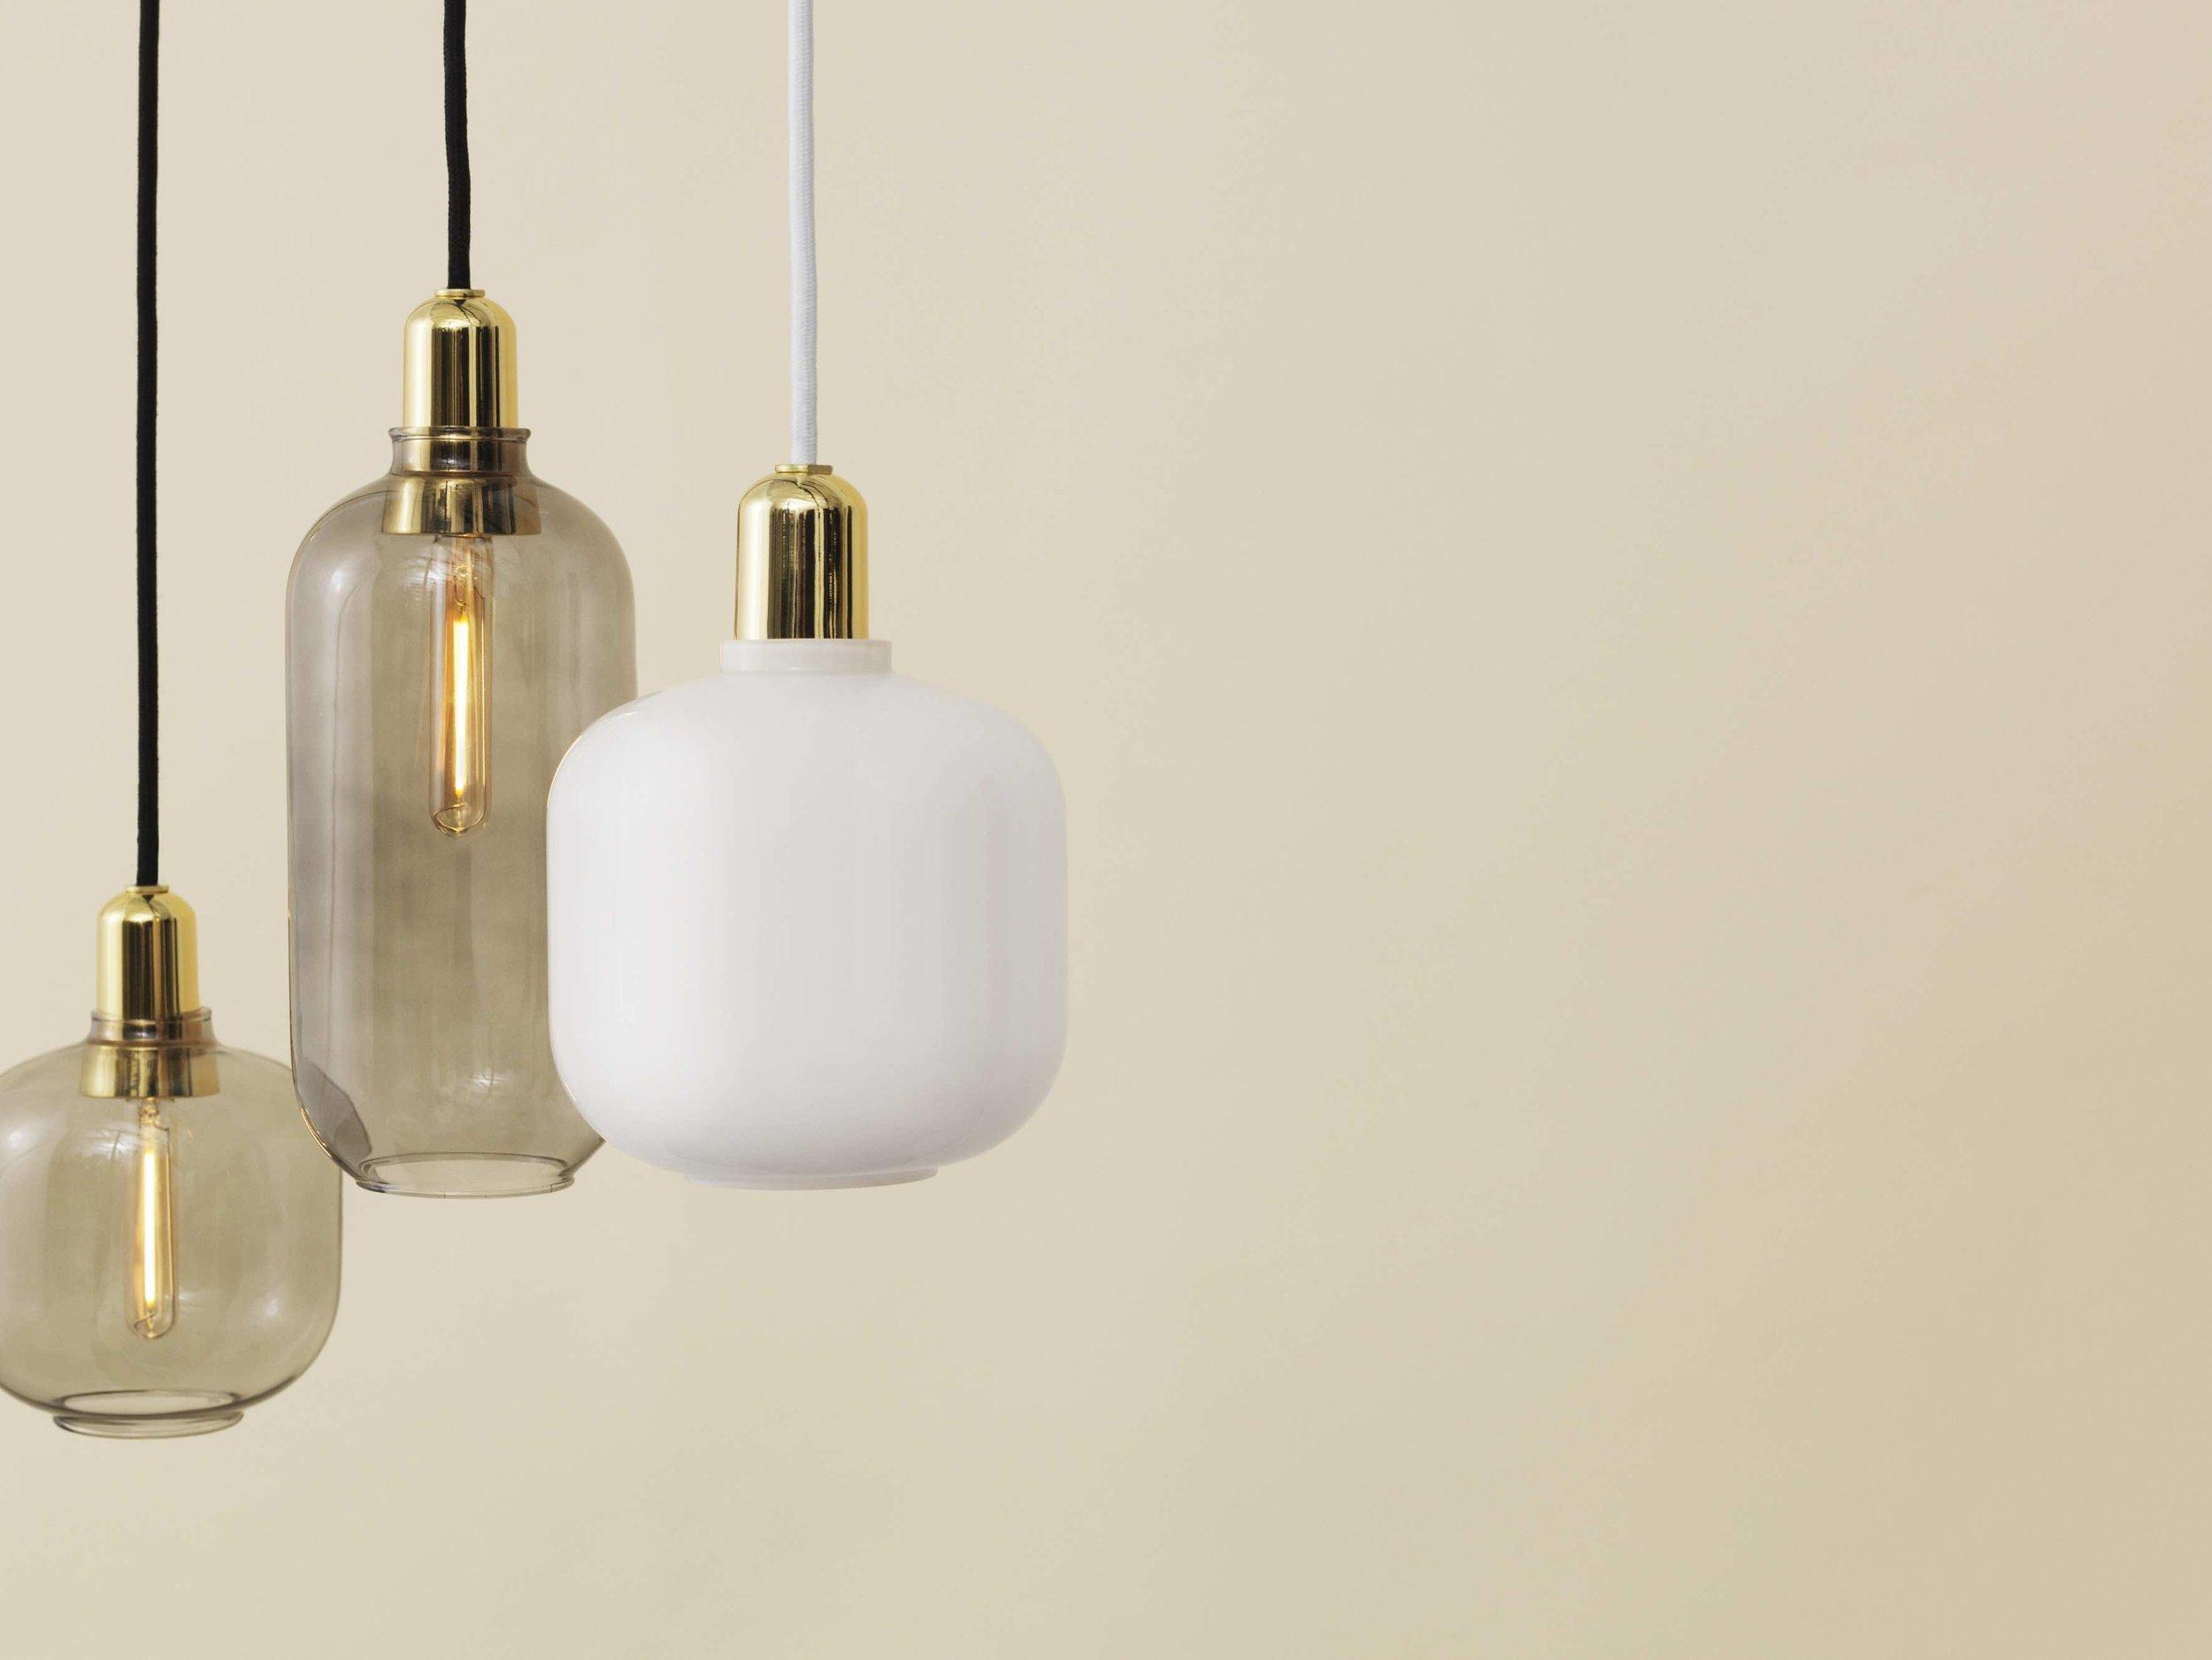 5021_Normann_Copenhagen_Amp_Lamp_Brass_Group_03 copy.jpg